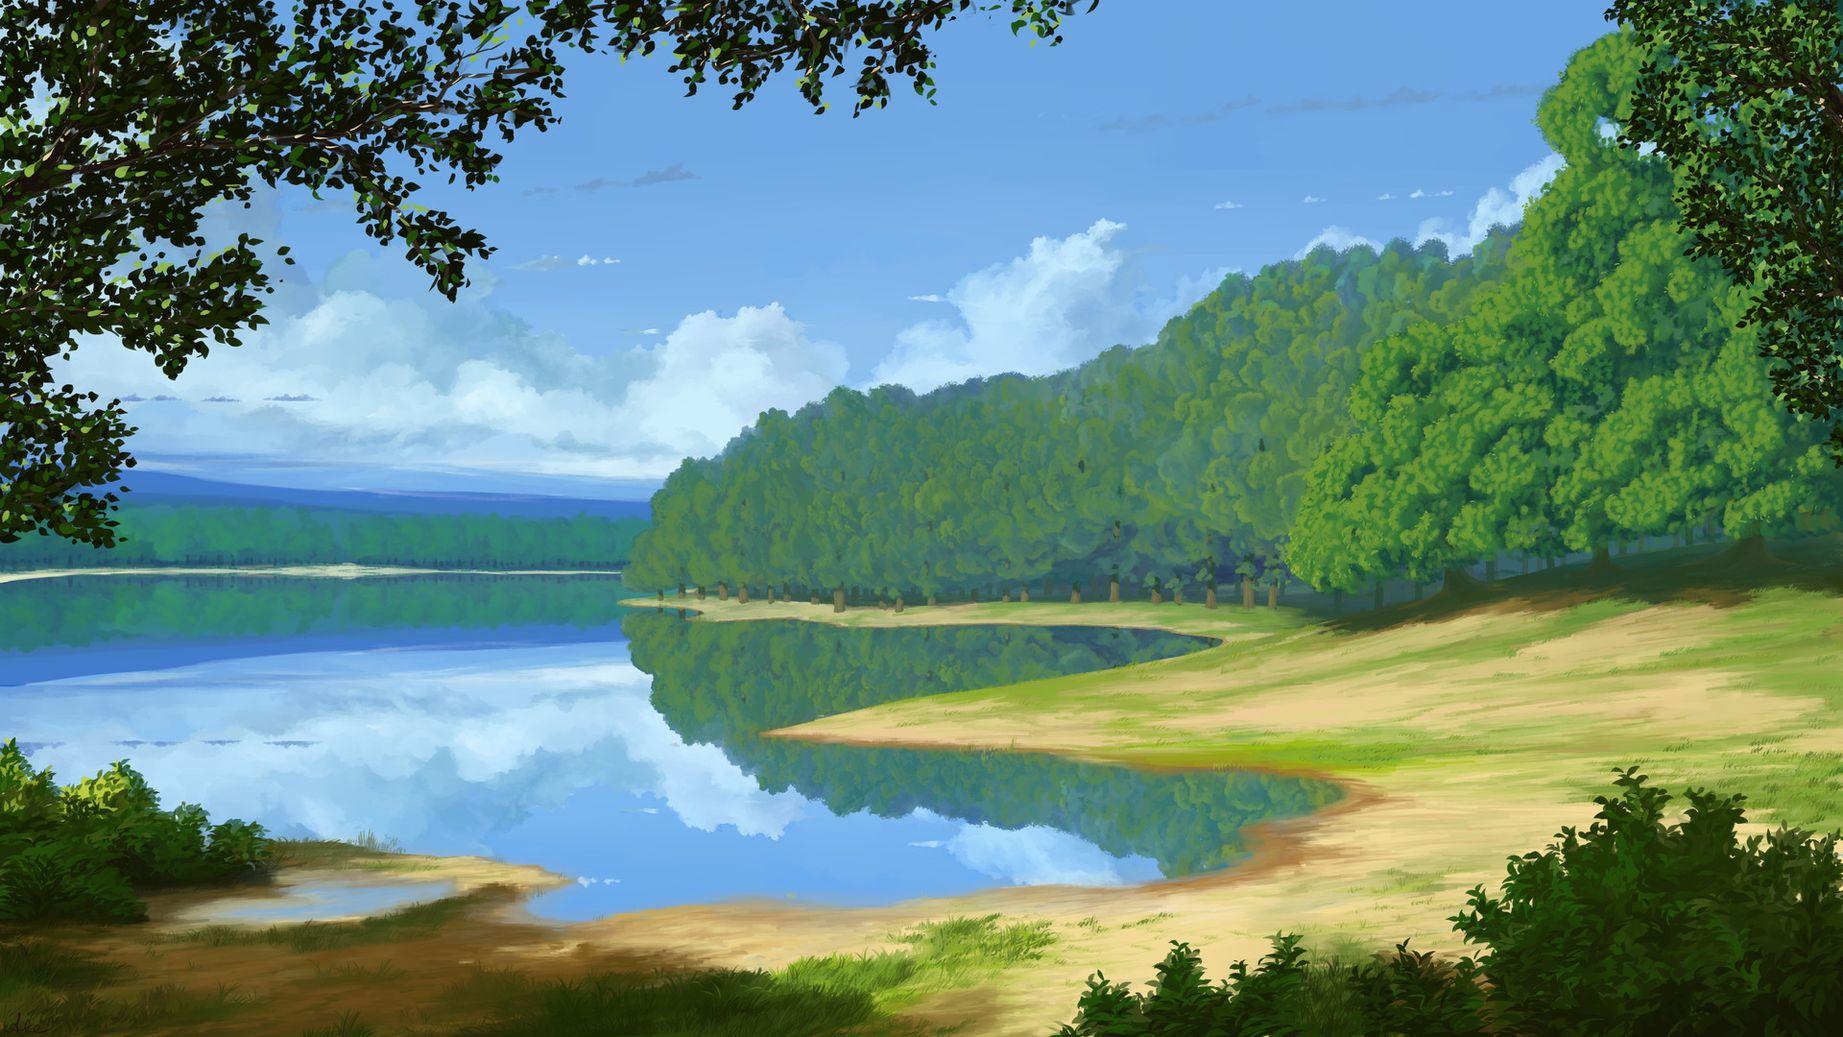 беллуччи картинка мультяшного озера люди стоят рядом